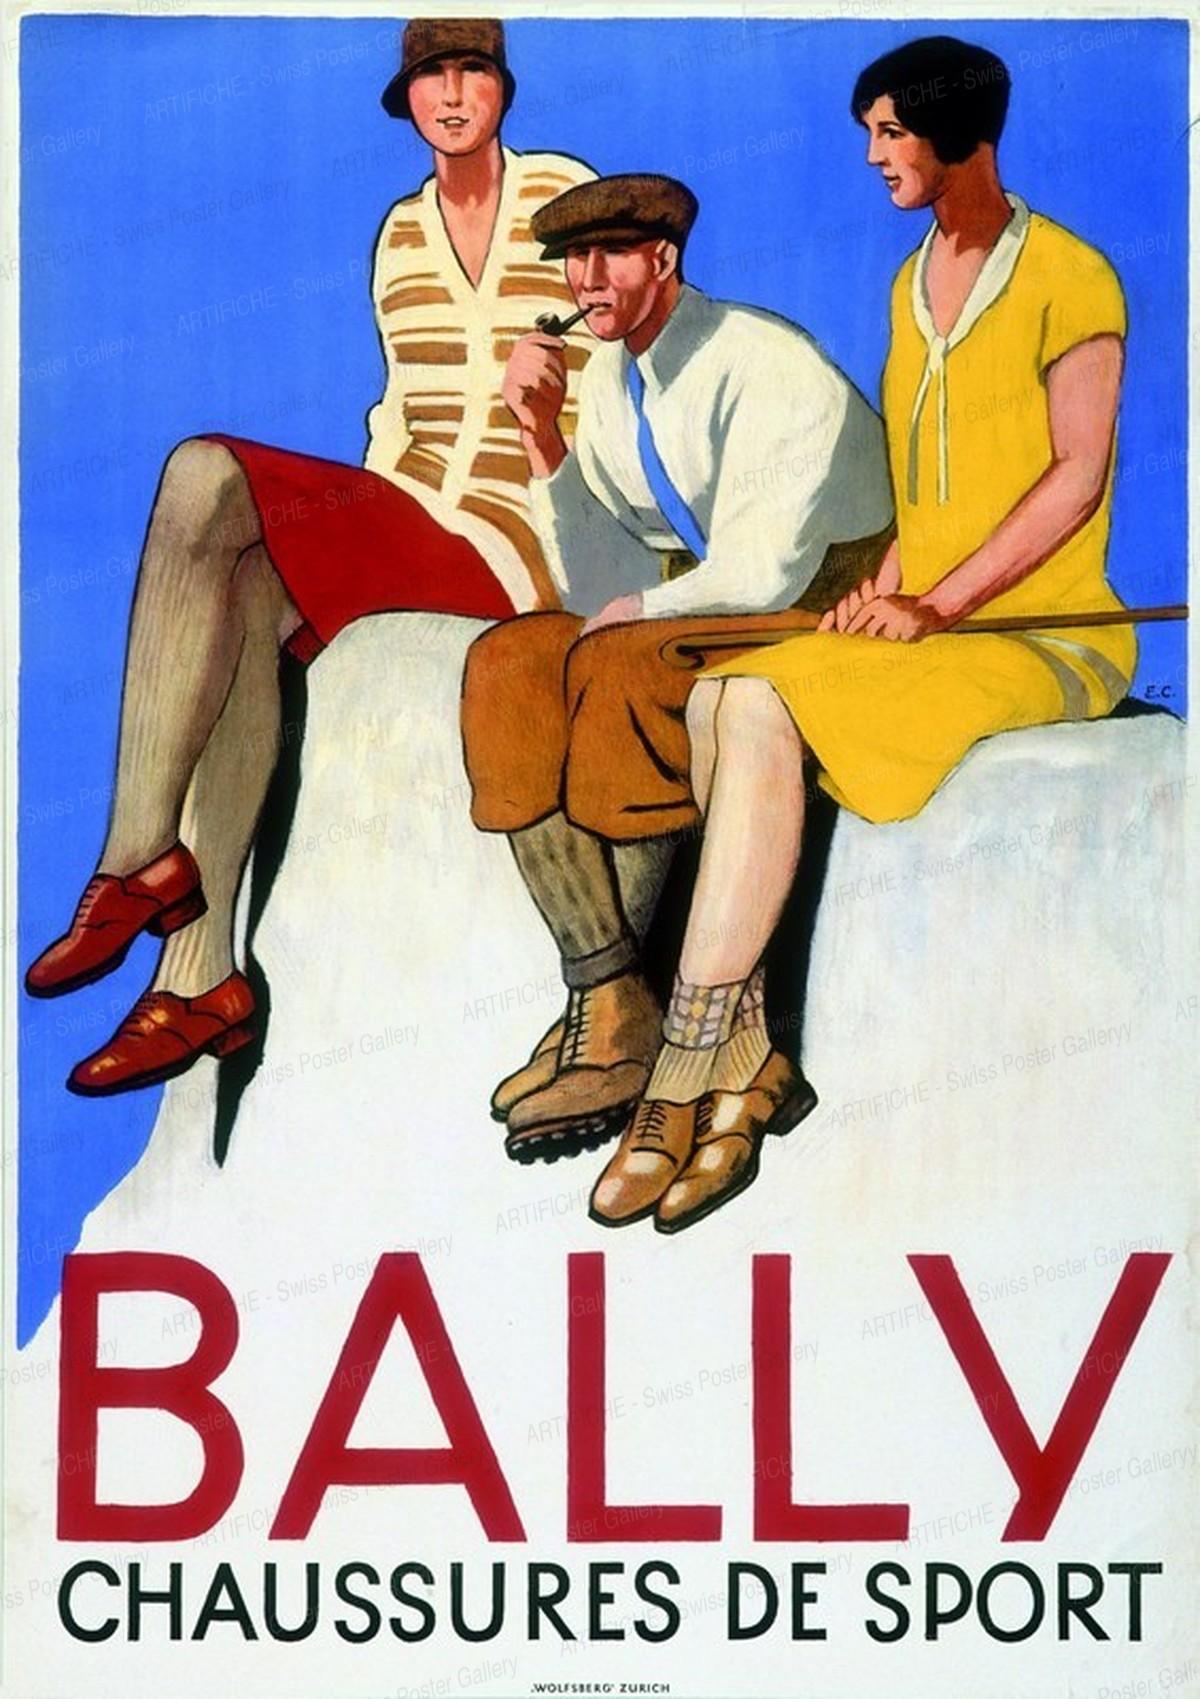 BALLY – Chaussures de Sport, Emil Cardinaux